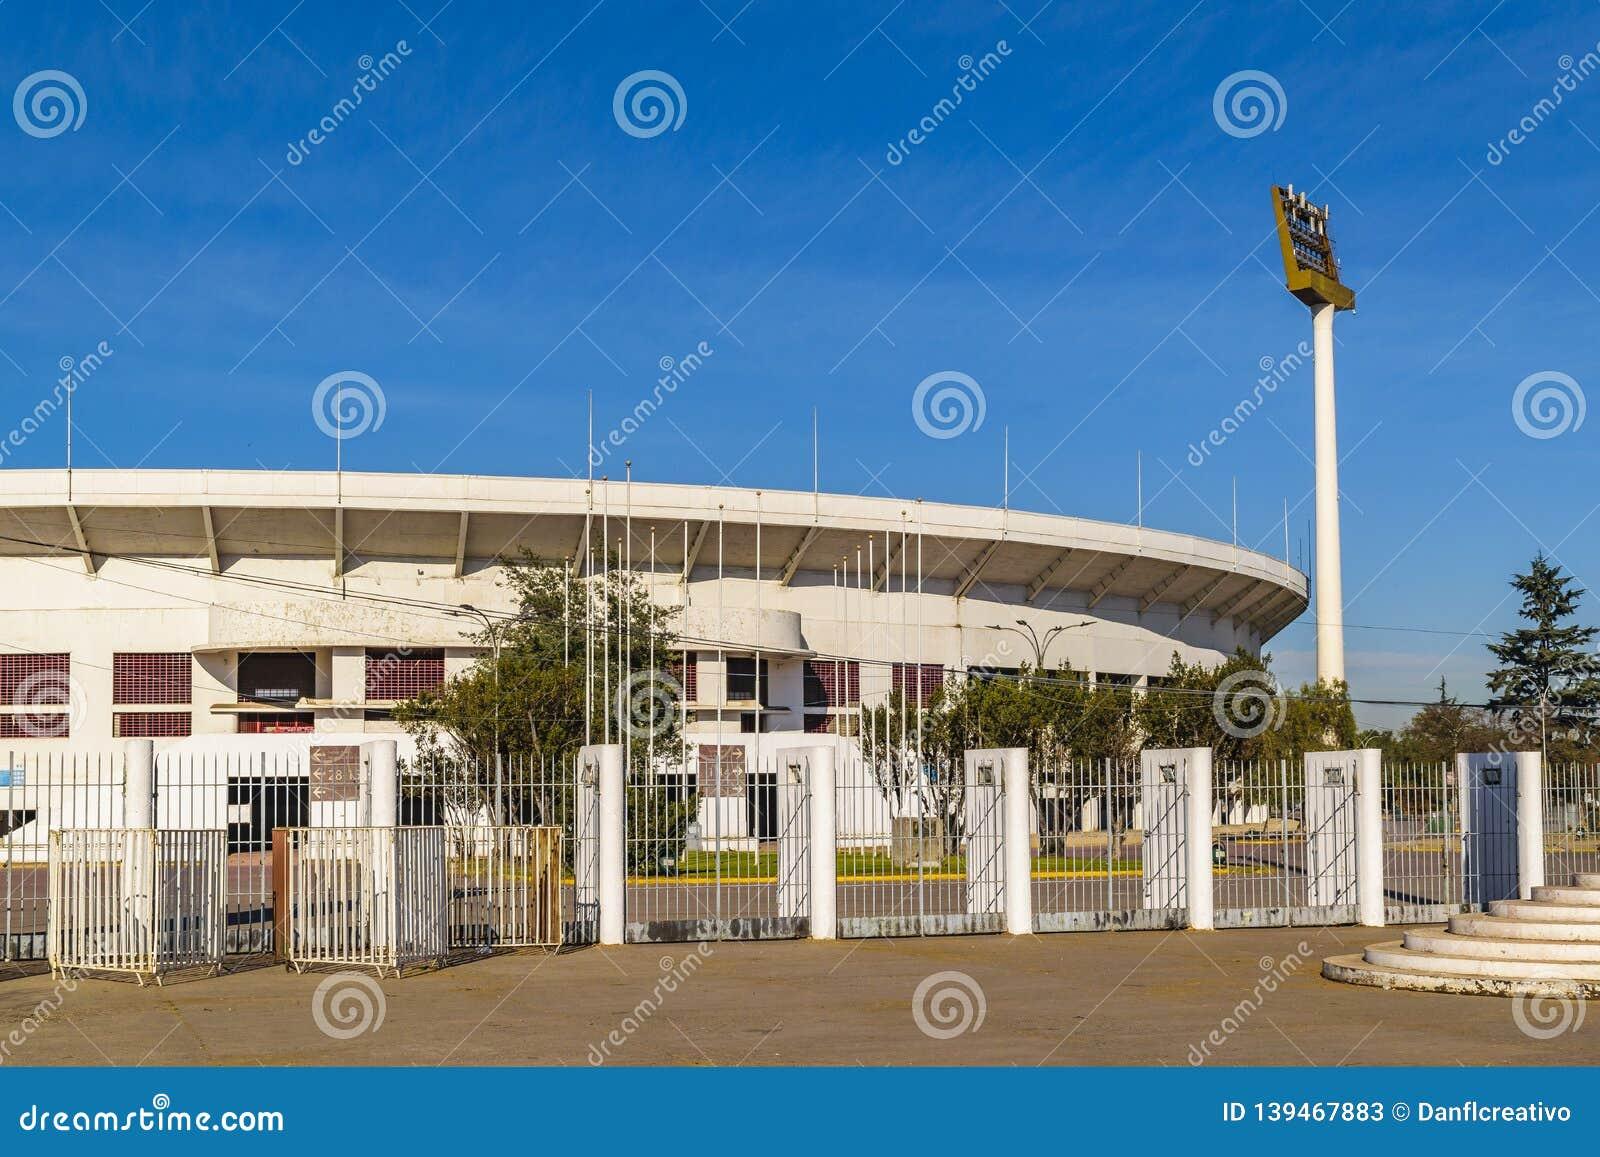 Santiago de Chile National Stadium